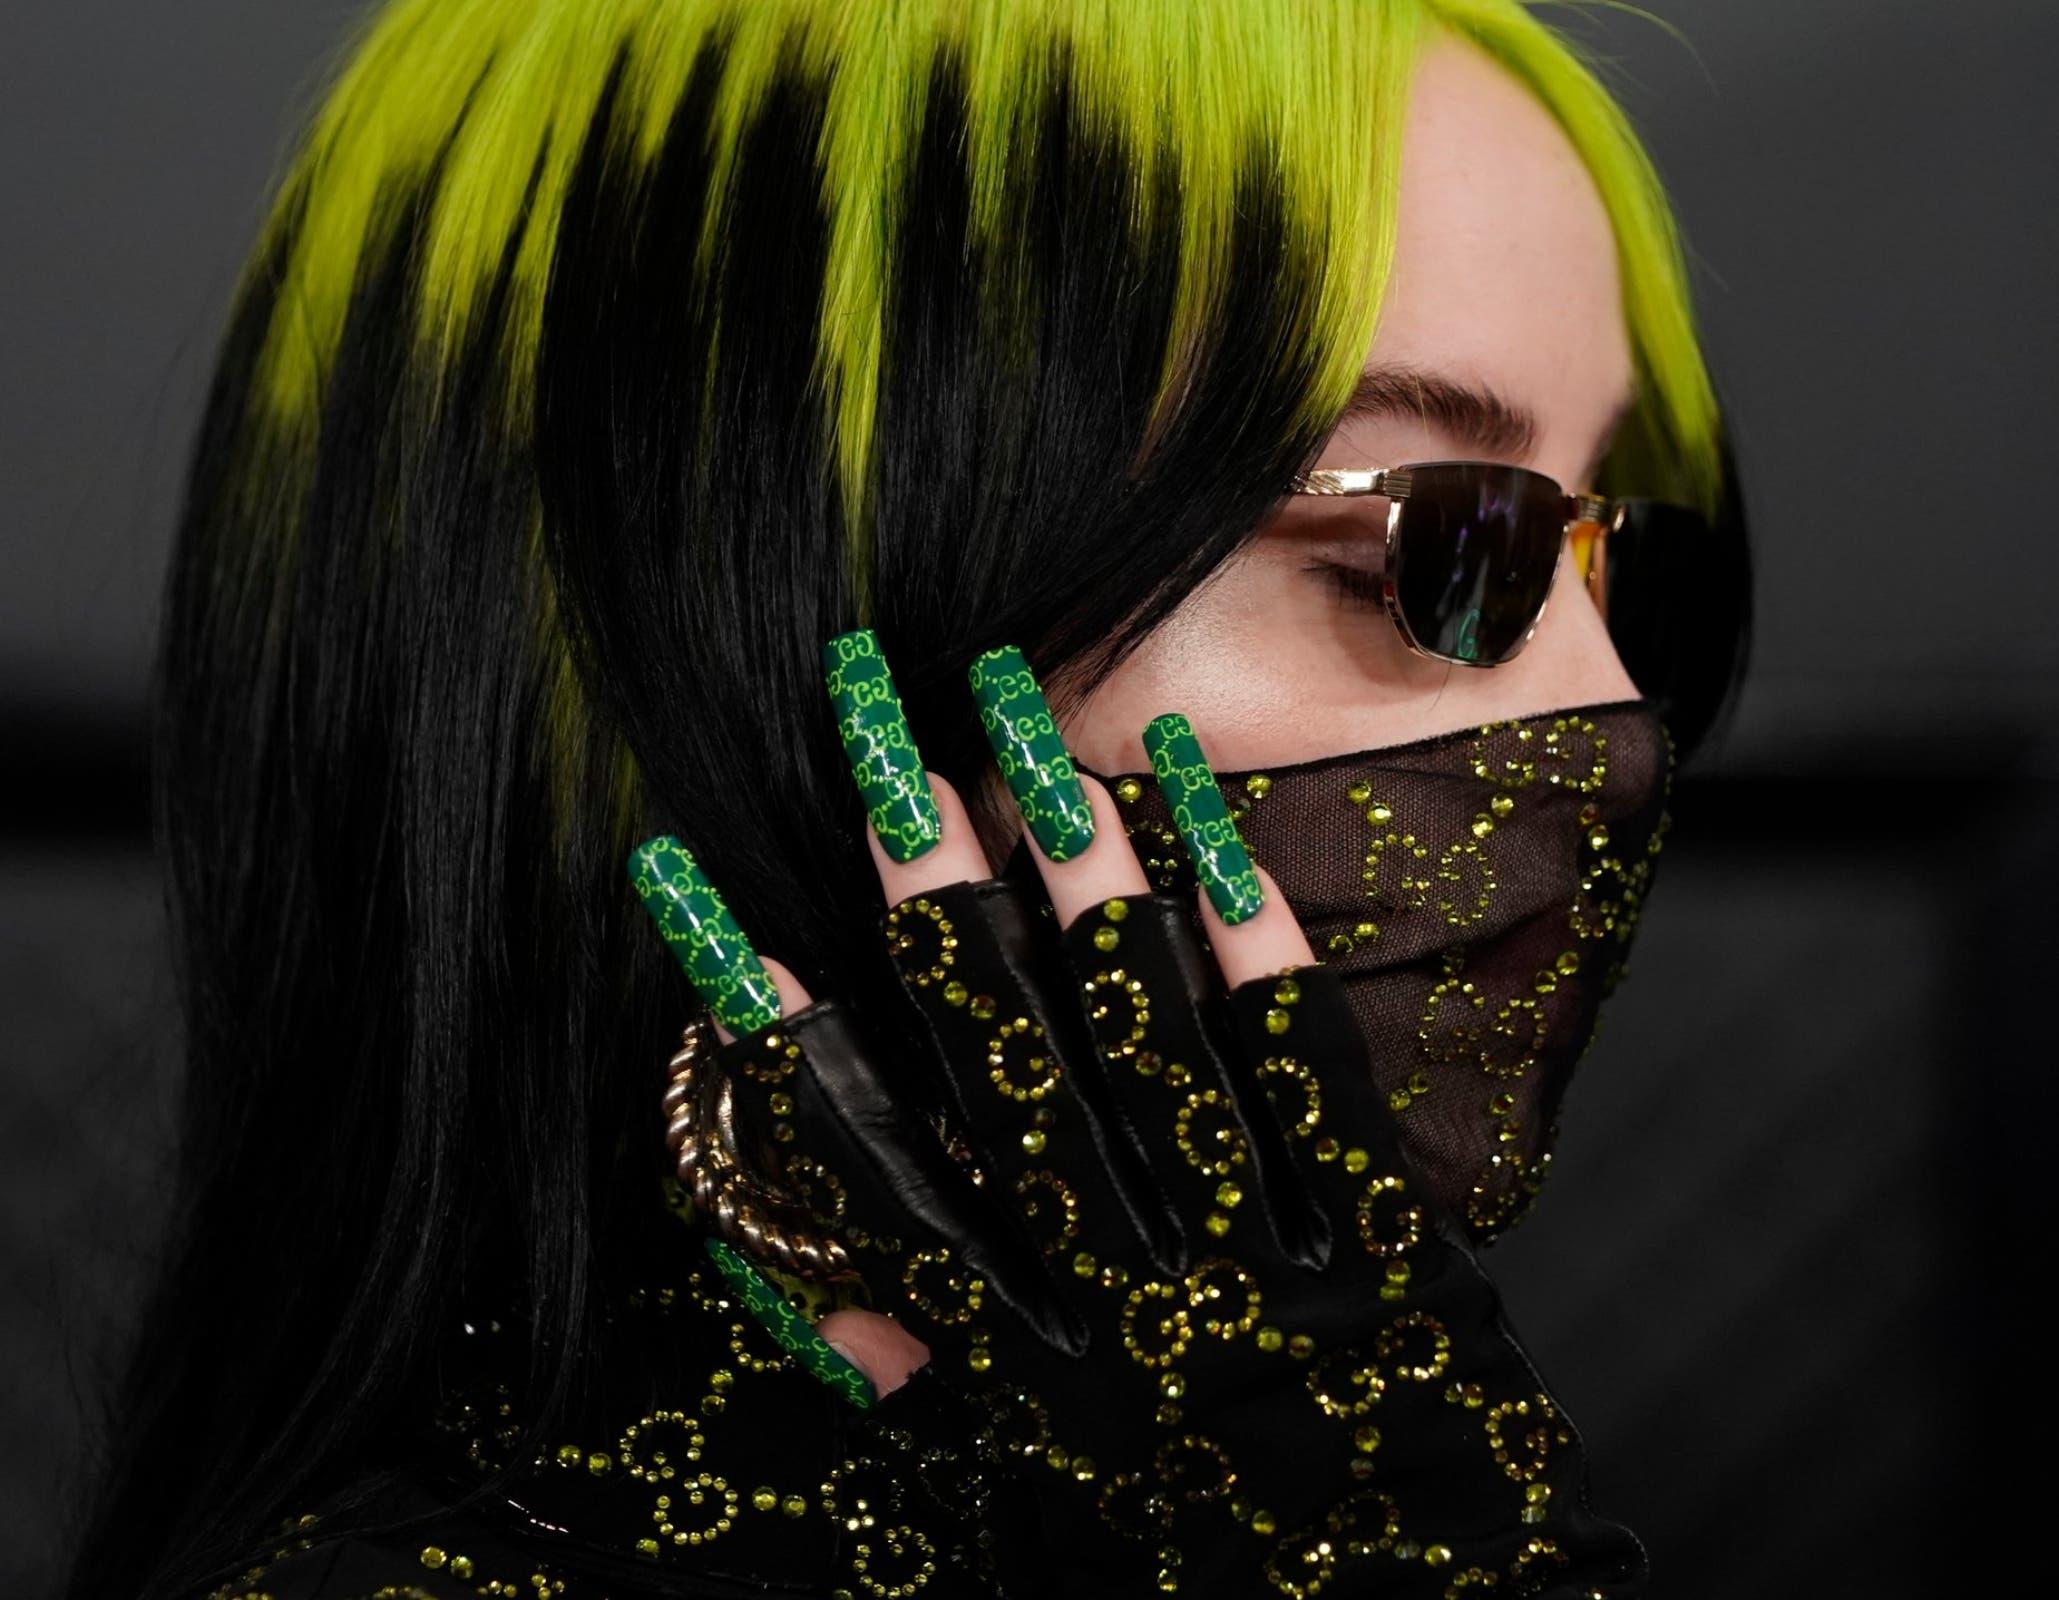 'Bad guy', de Billie Eilish,  tema más escuchado del mundo 2019